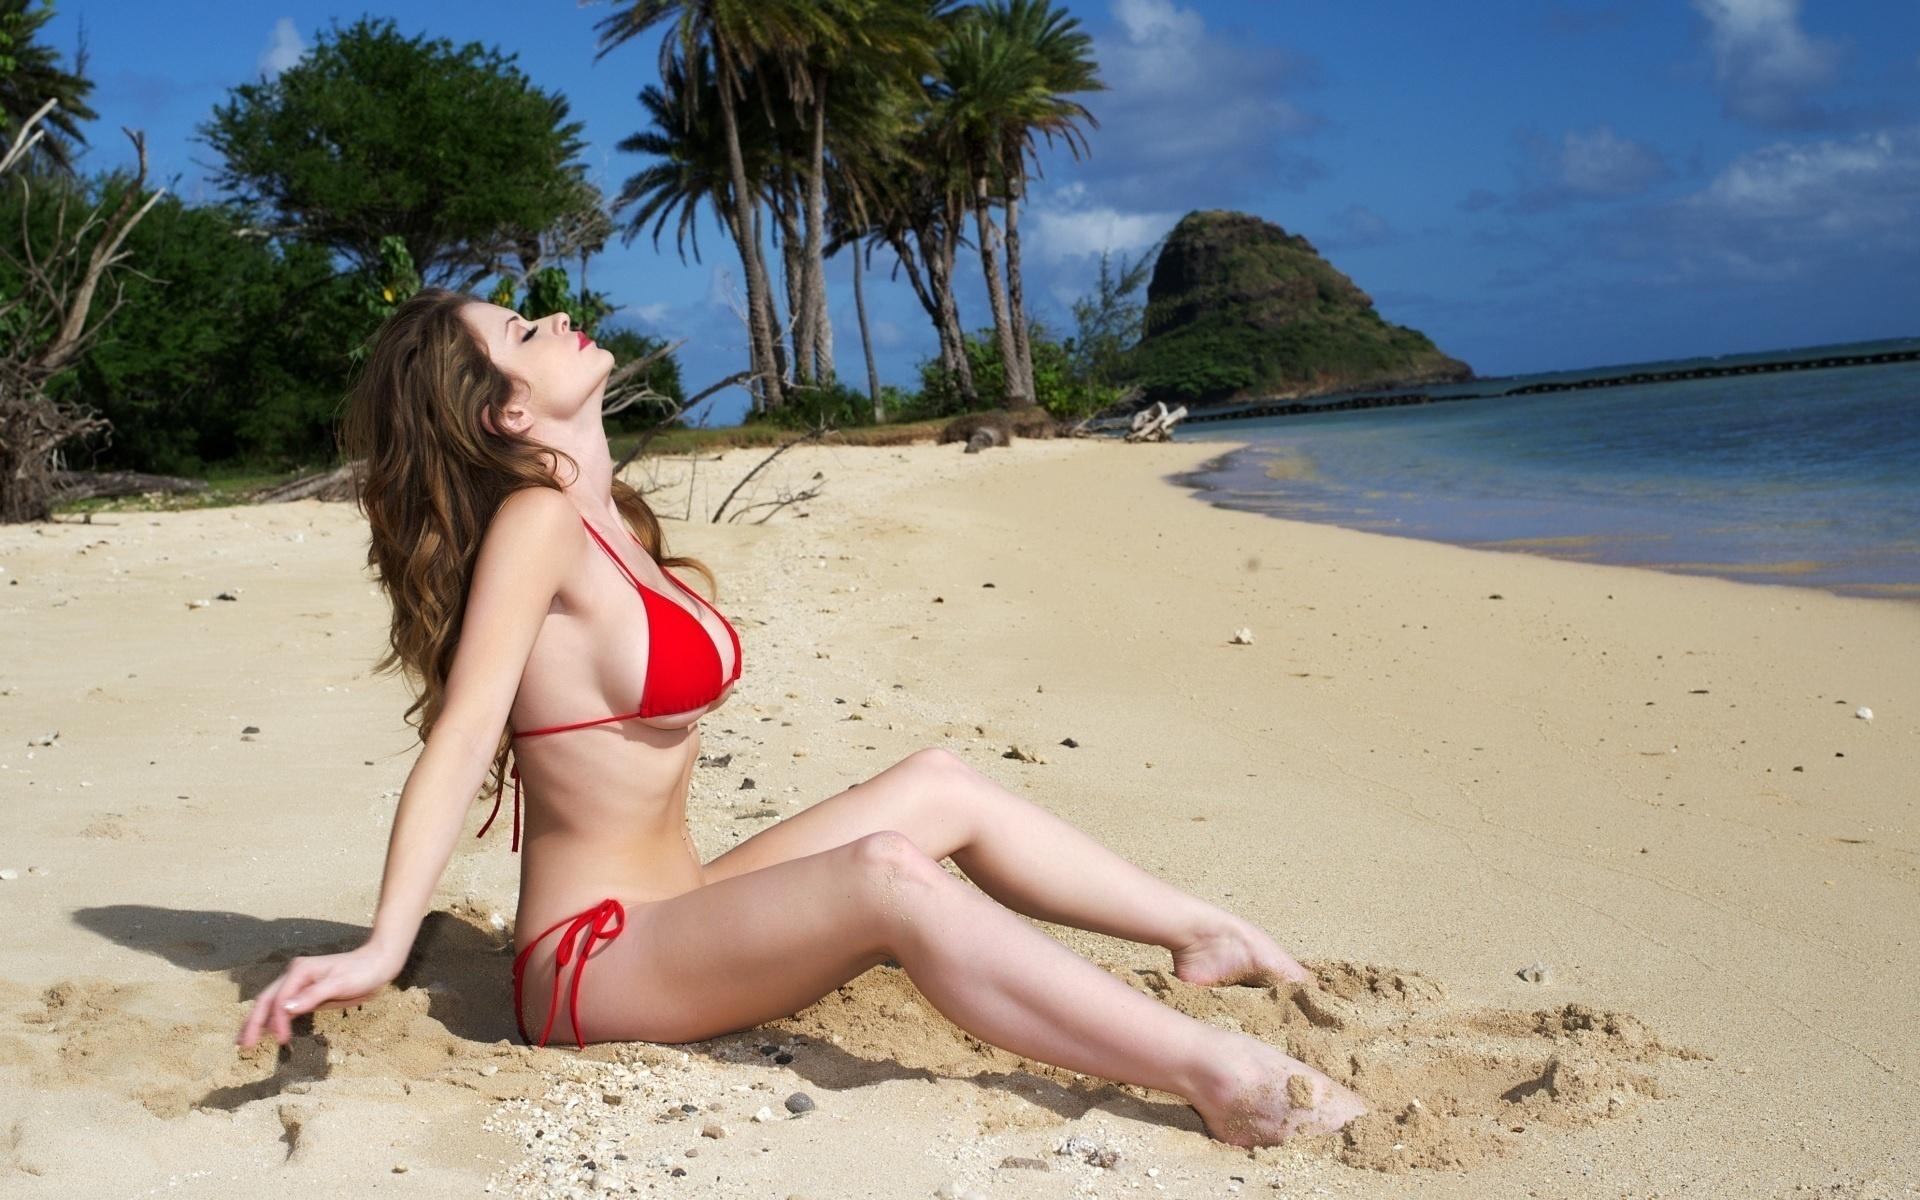 Пары вебке реальные фотки девушек на пляже мобильное порно